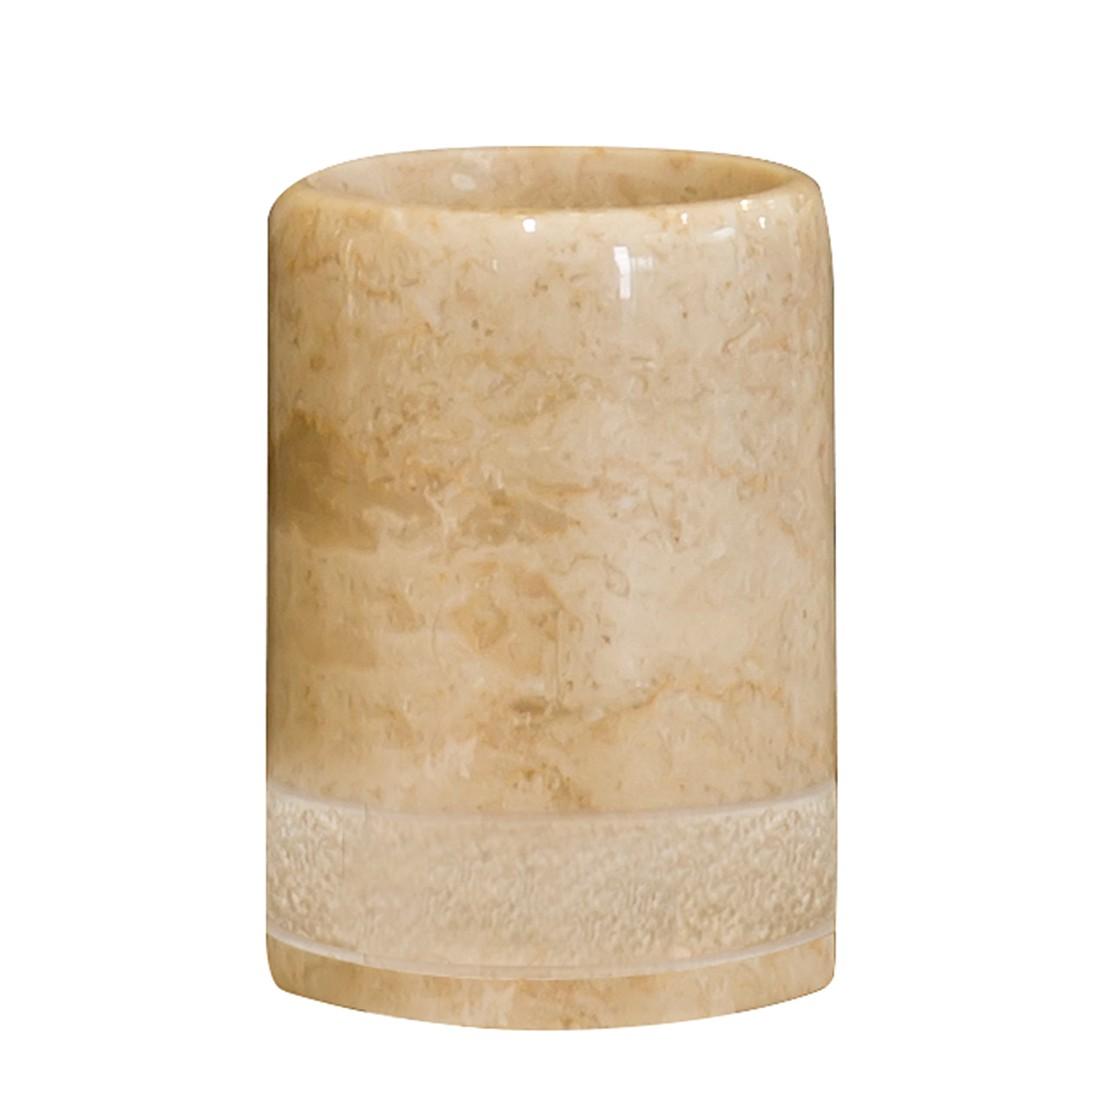 Home 24 - Gobelet de salle bain julia - beige, nicol wohnausstattungen